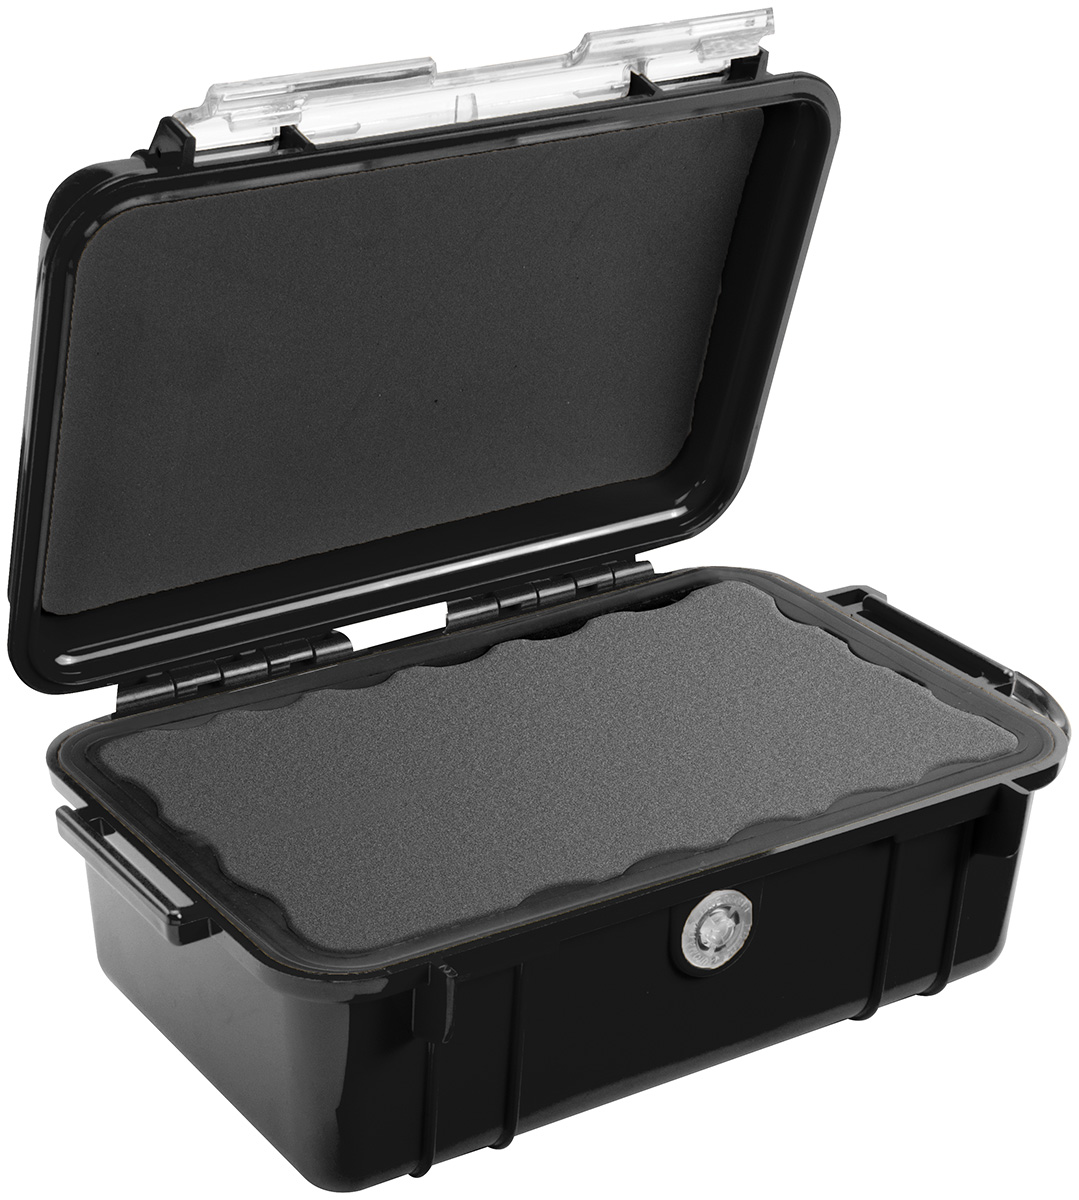 pelican peli products 1050 watertight electronics enclosure box